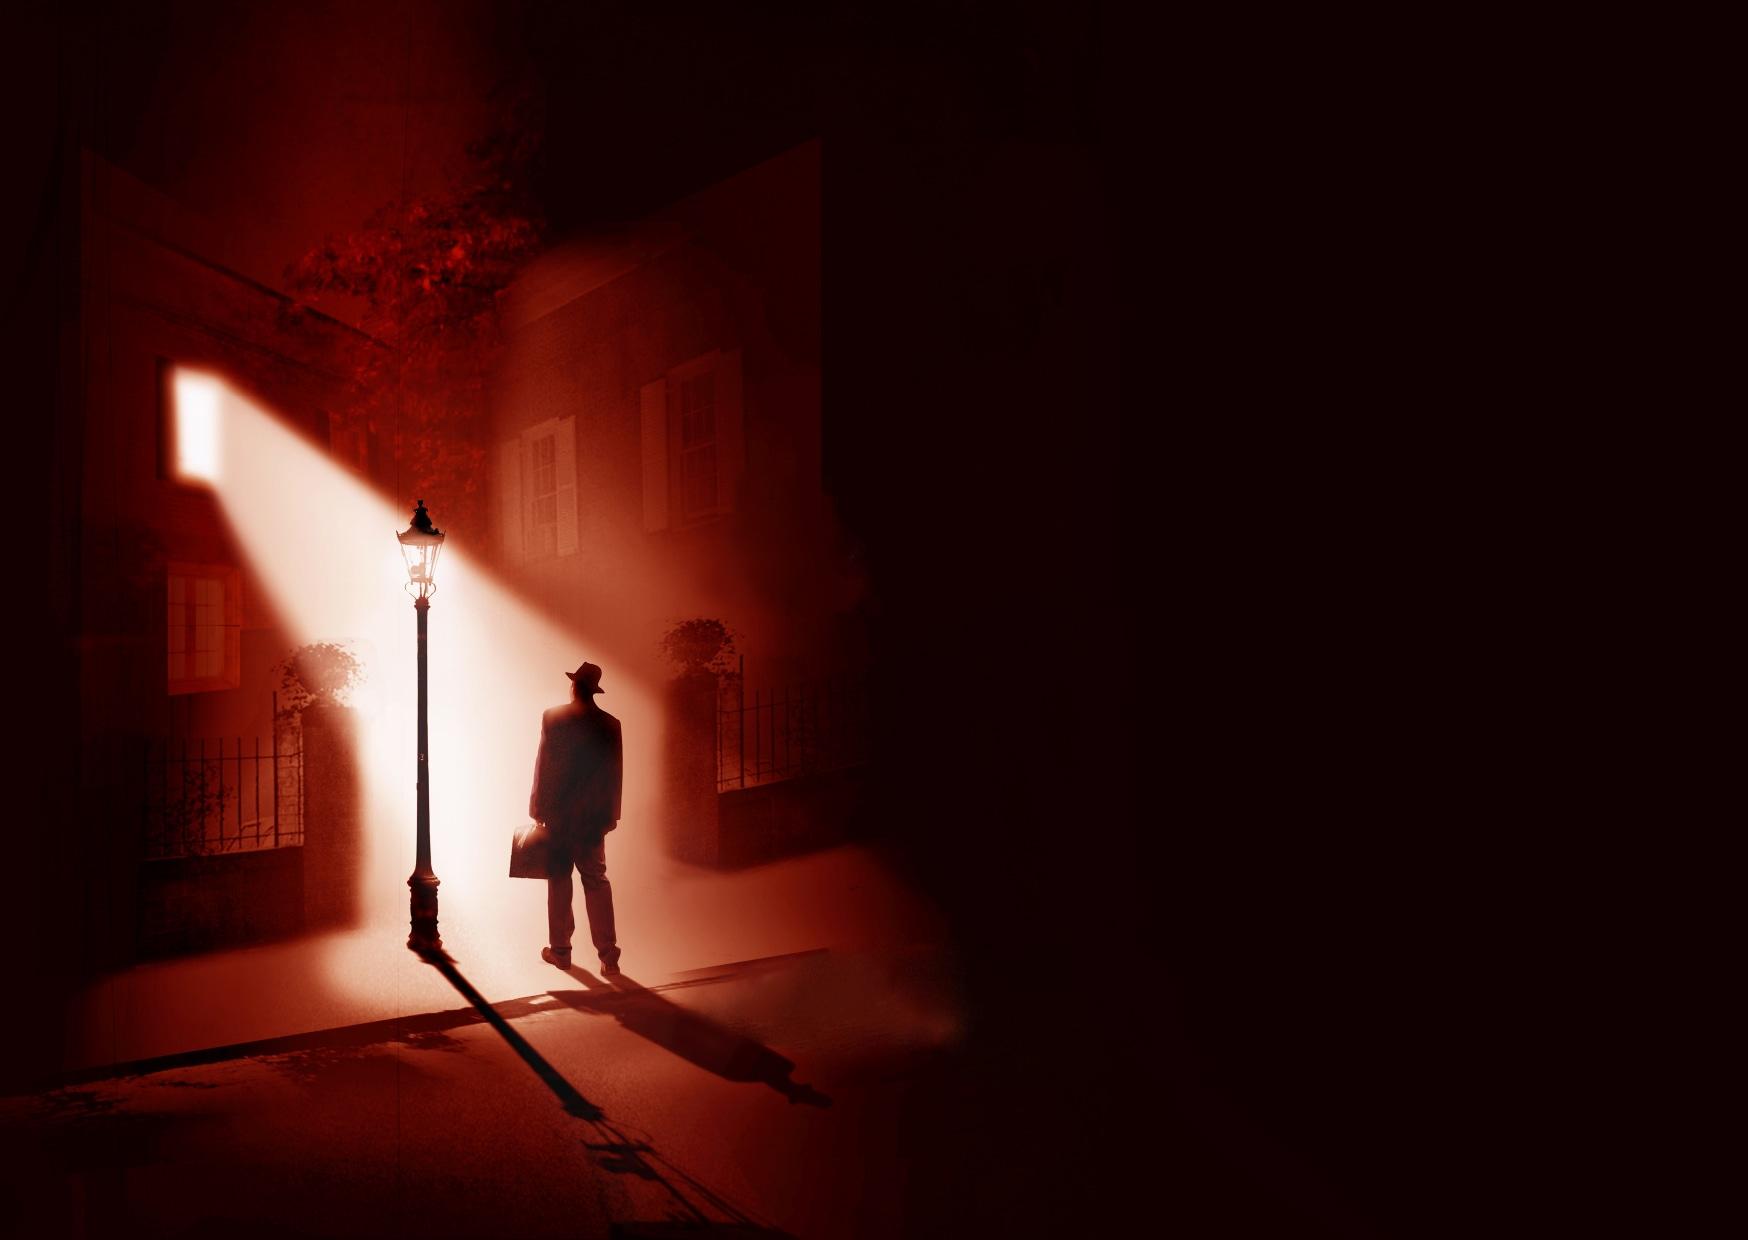 The Exorcist - Production Shot